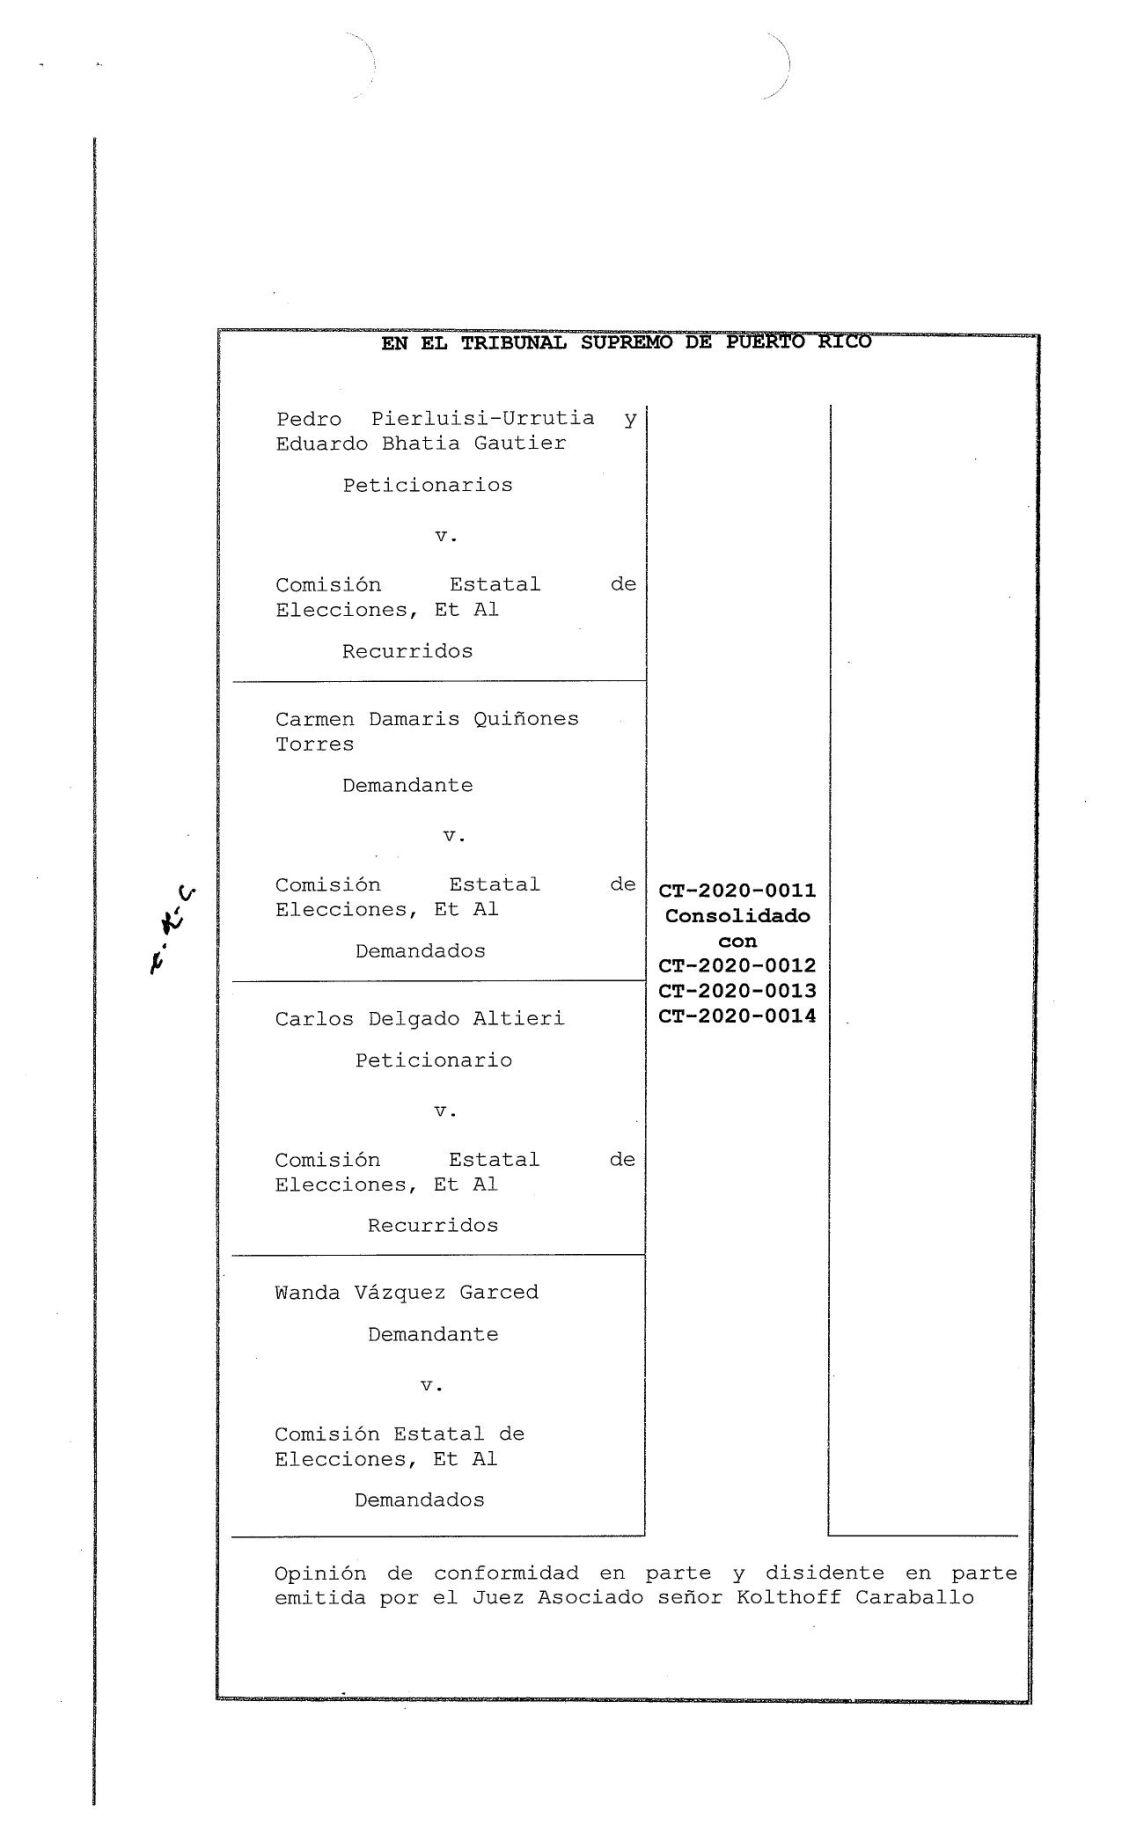 Opinión Juez Kolthoff.pdf